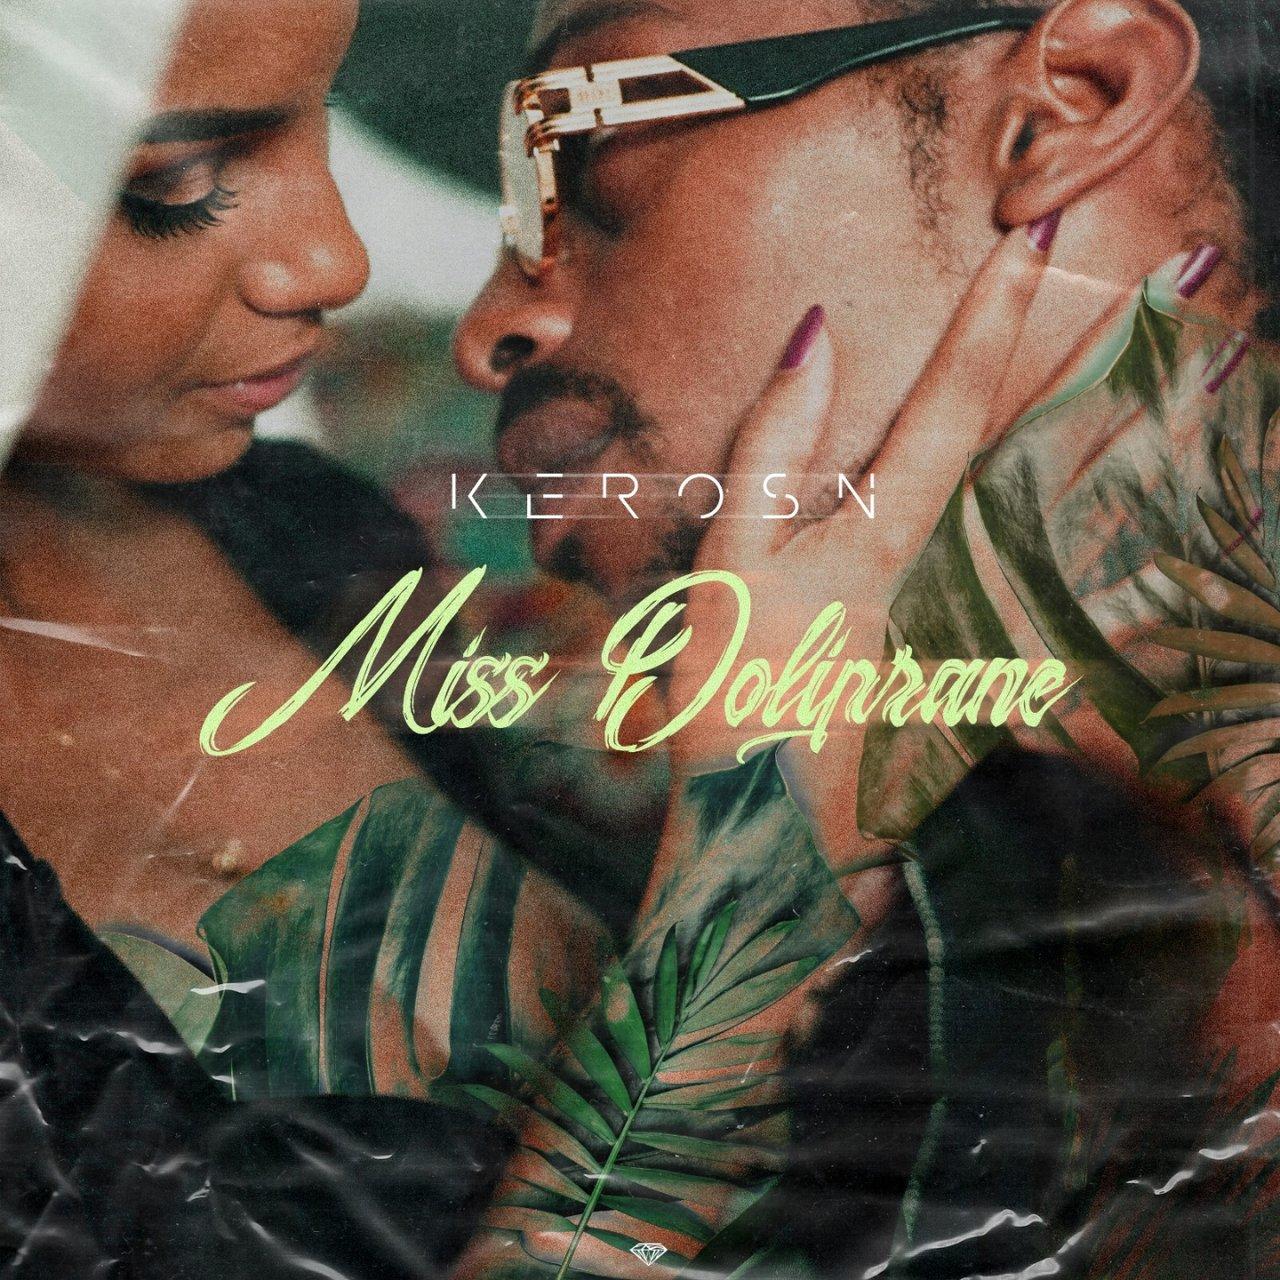 Keros-N - Miss Doliprane